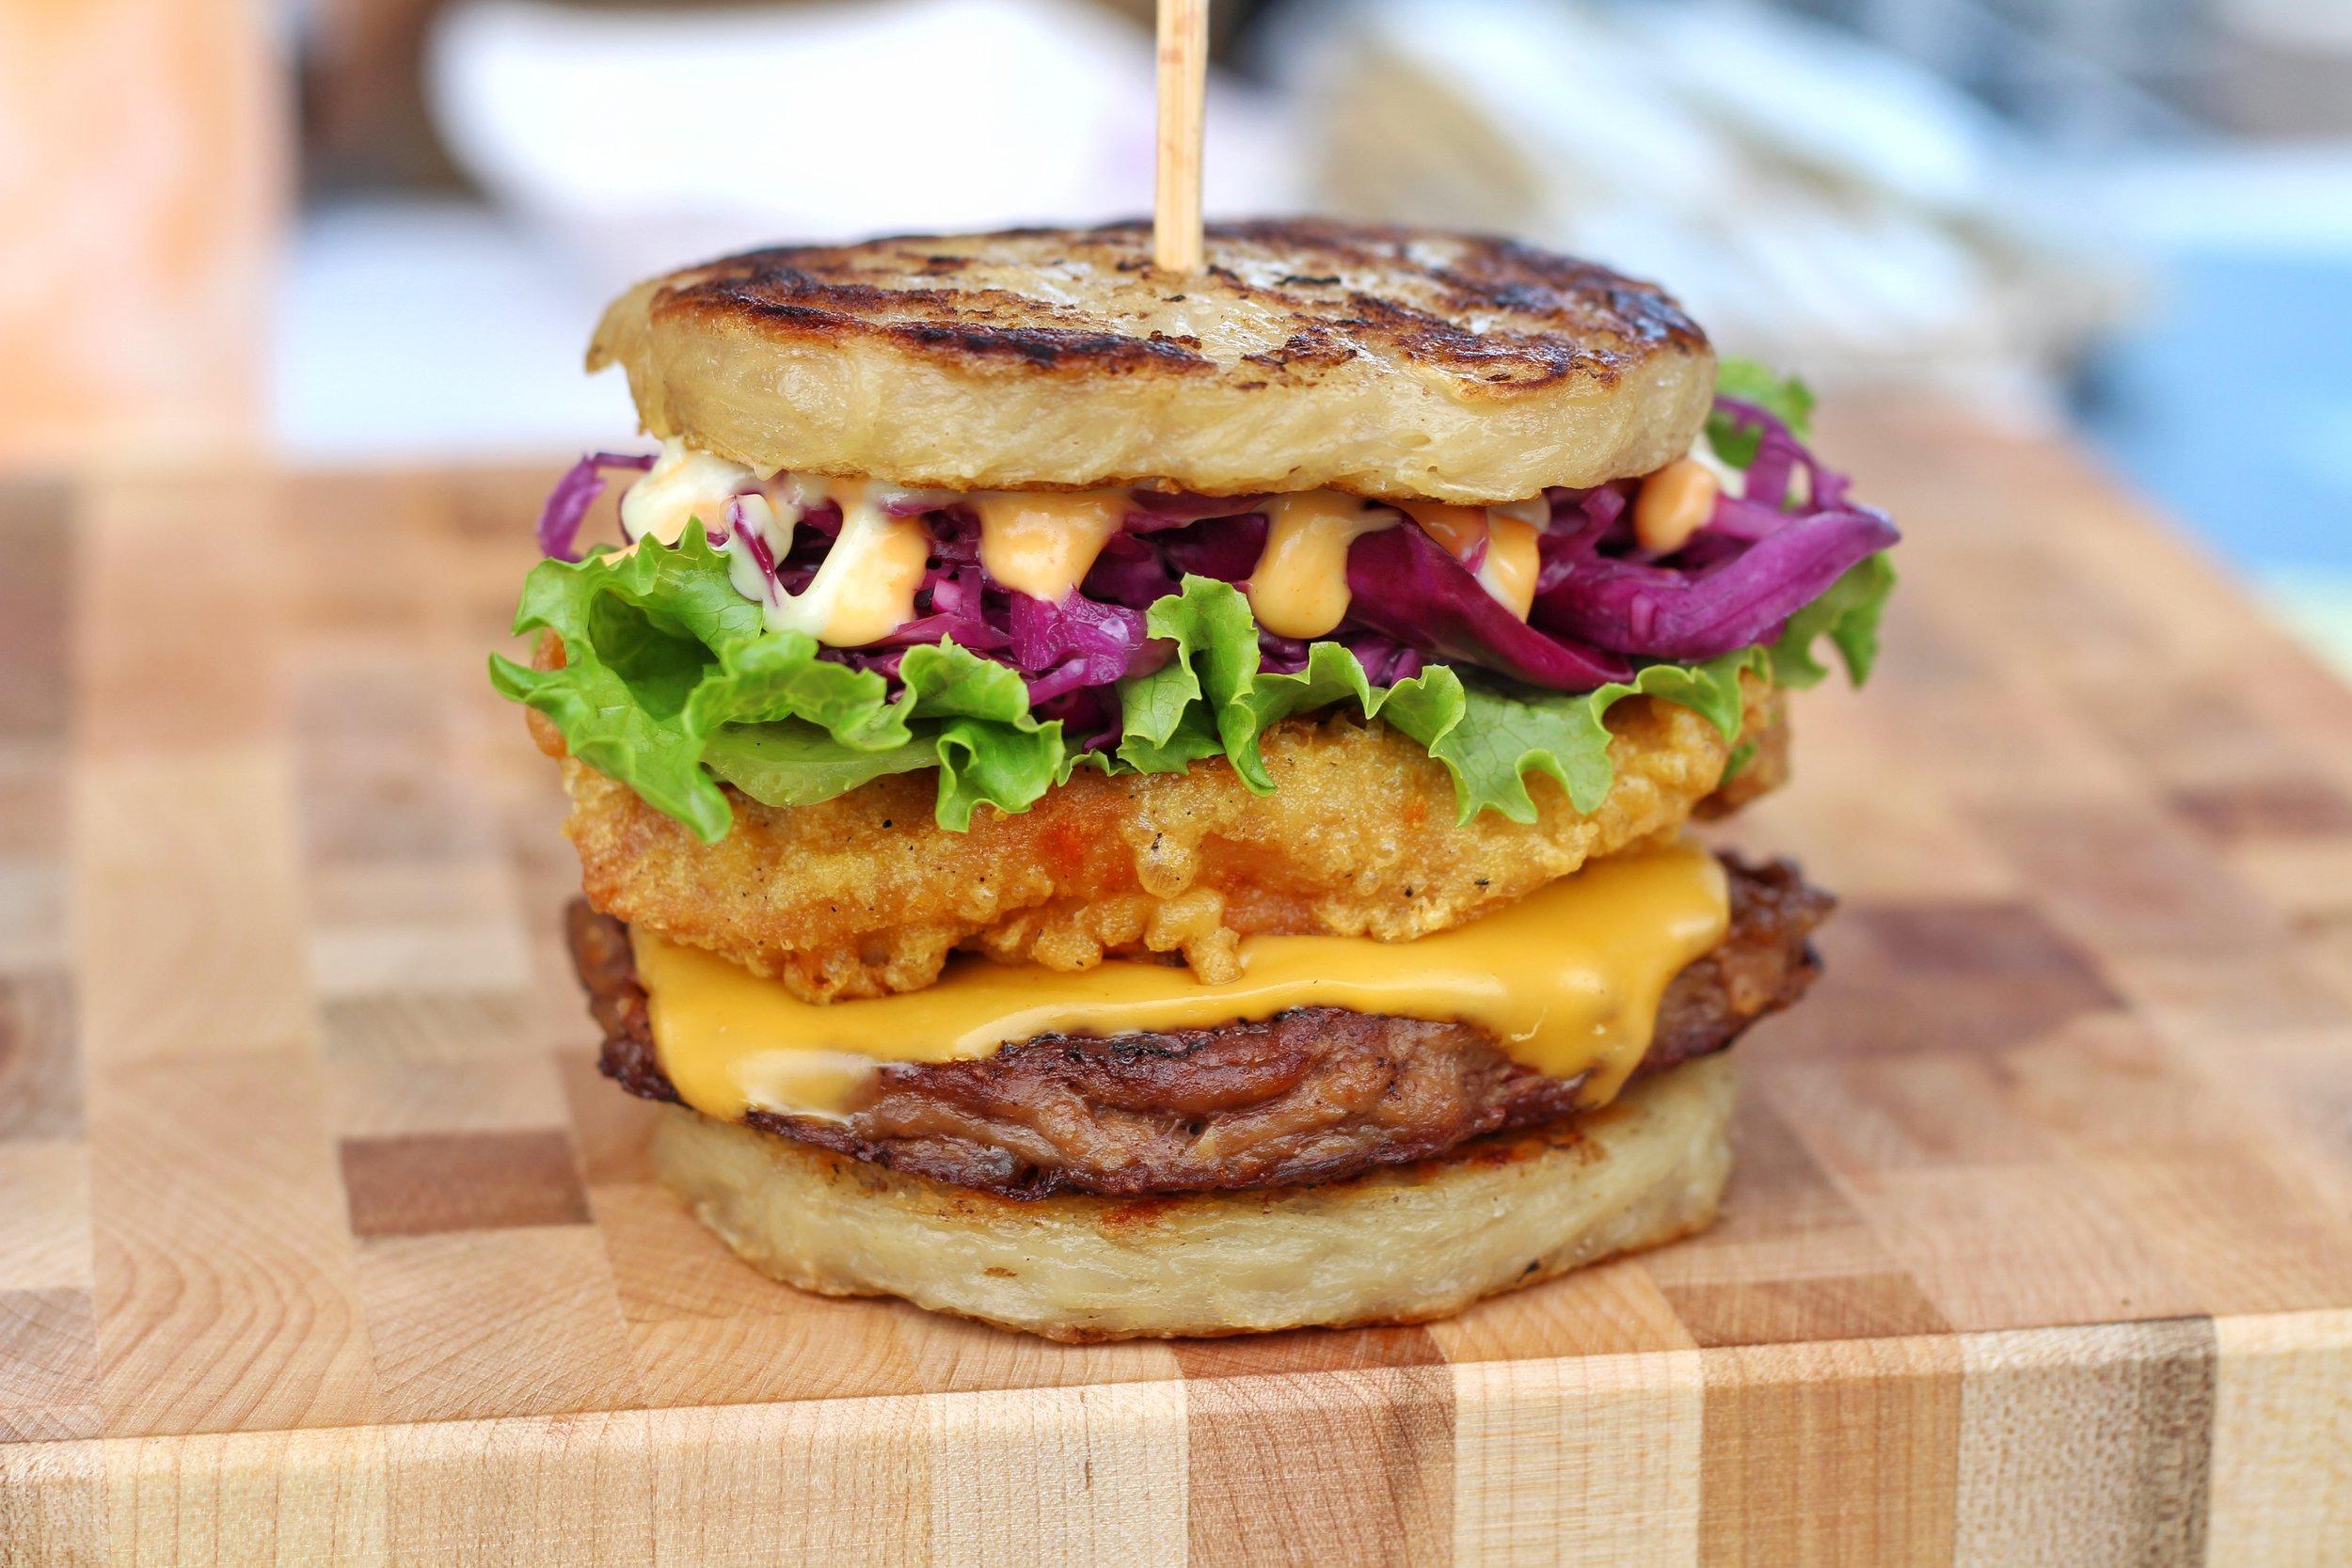 Fried chicken with a burger patty in between a ramen bun.